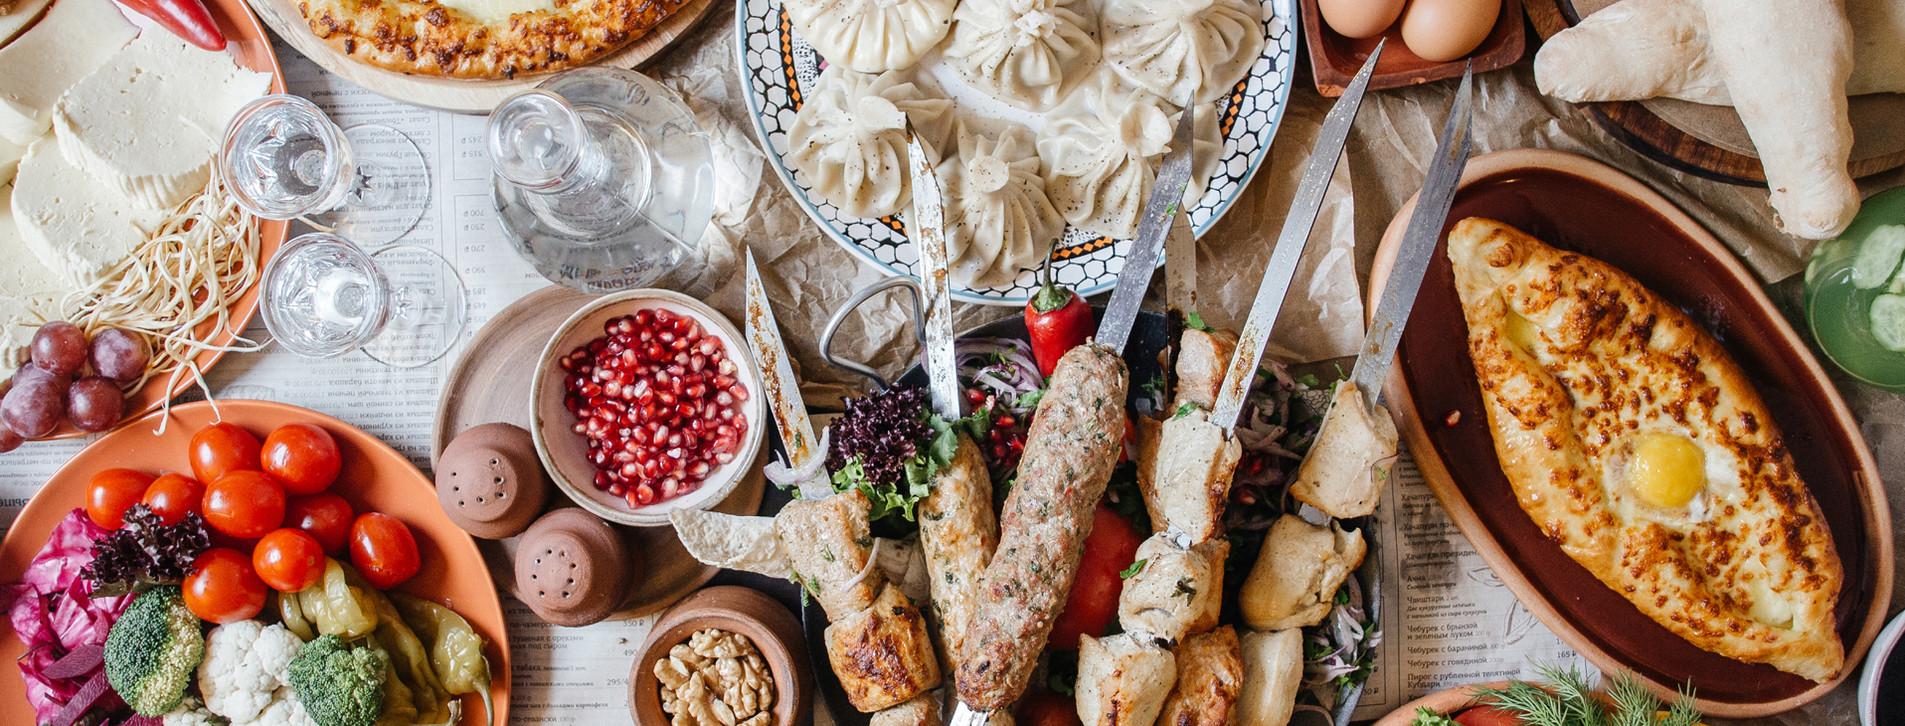 Фото - Ужин в грузинском ресторане